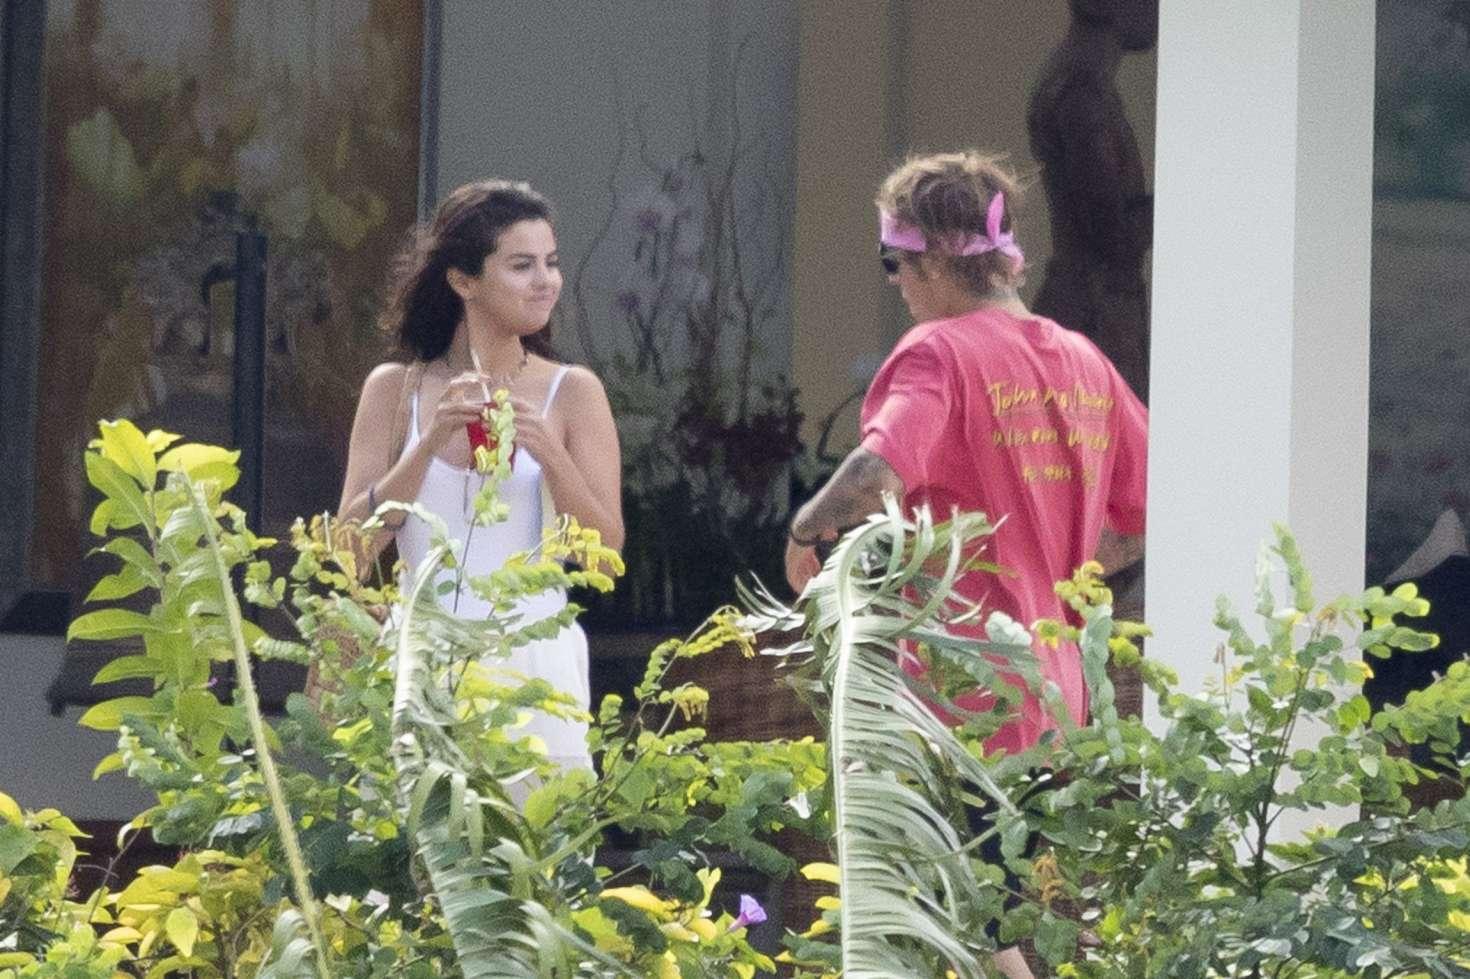 Selena Gomez and Justin Bieber - Celebrating family wedding in Jamaica